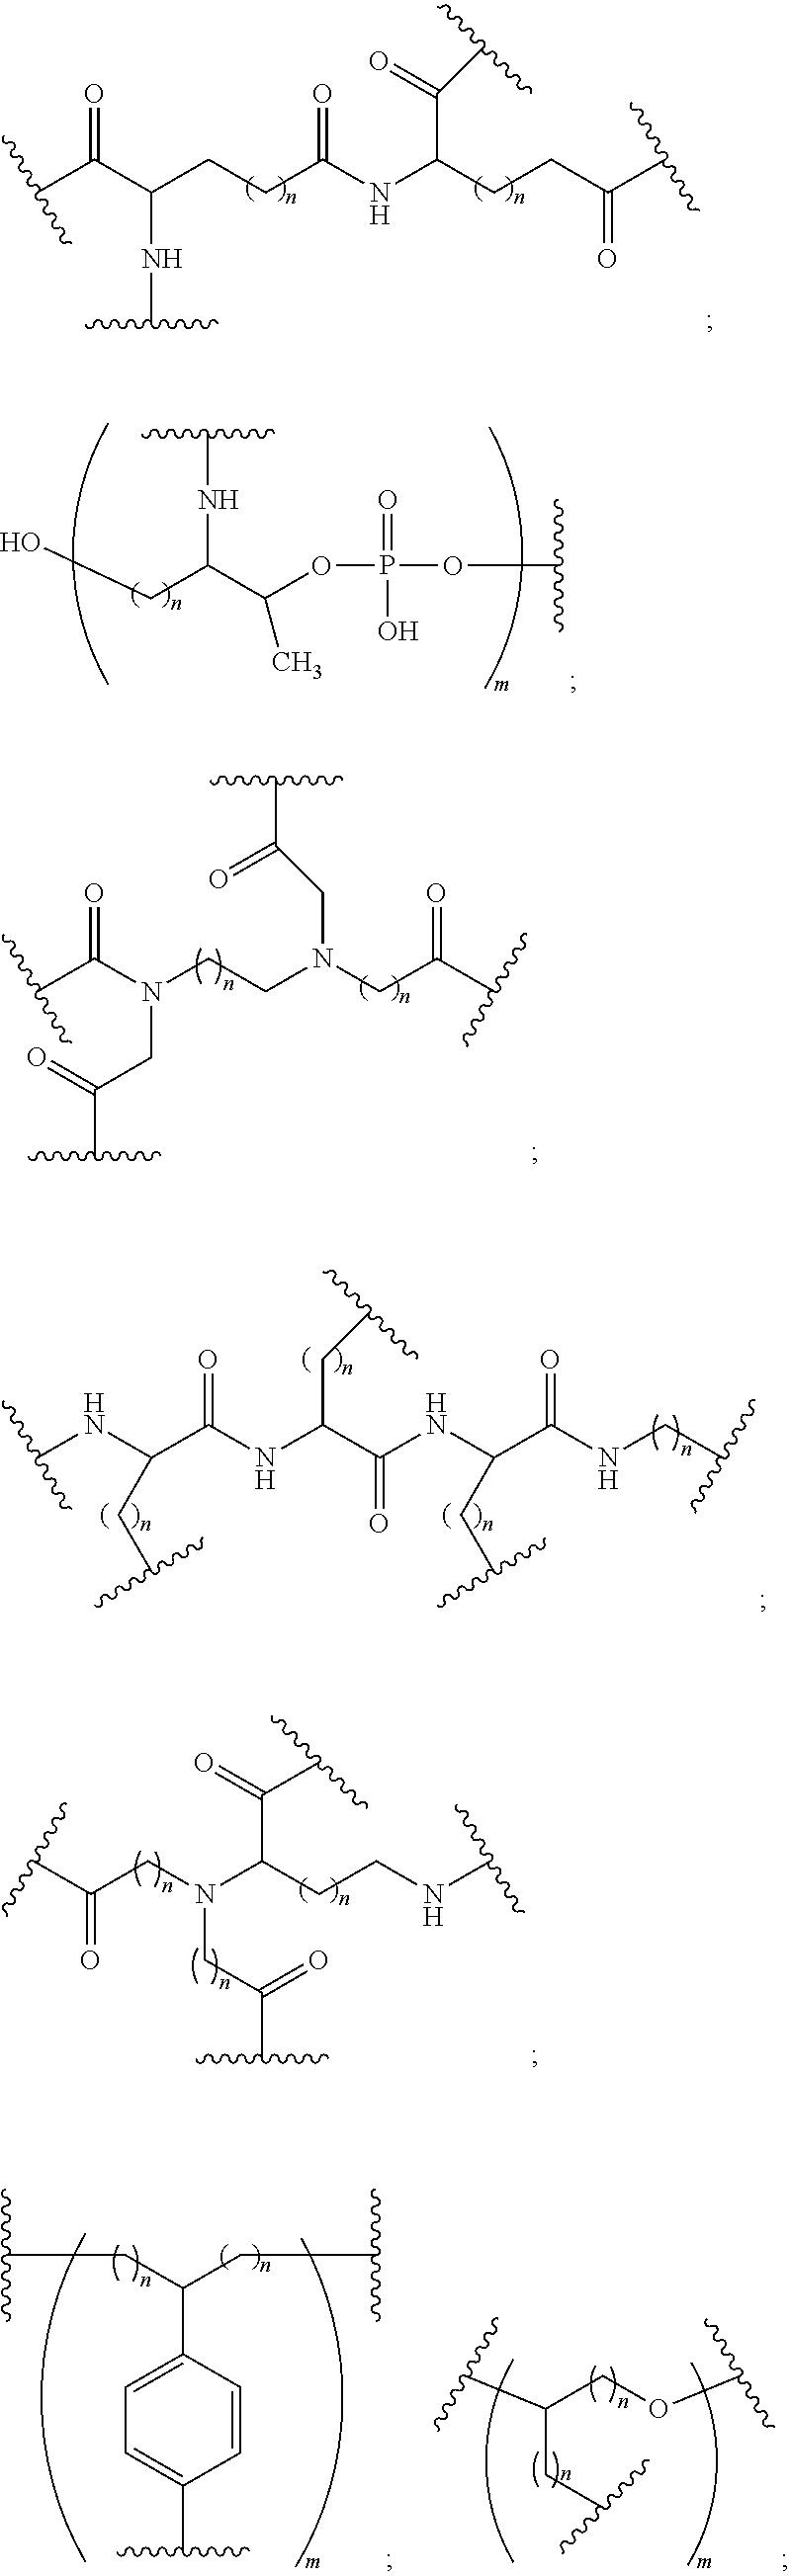 Figure US09957504-20180501-C00168